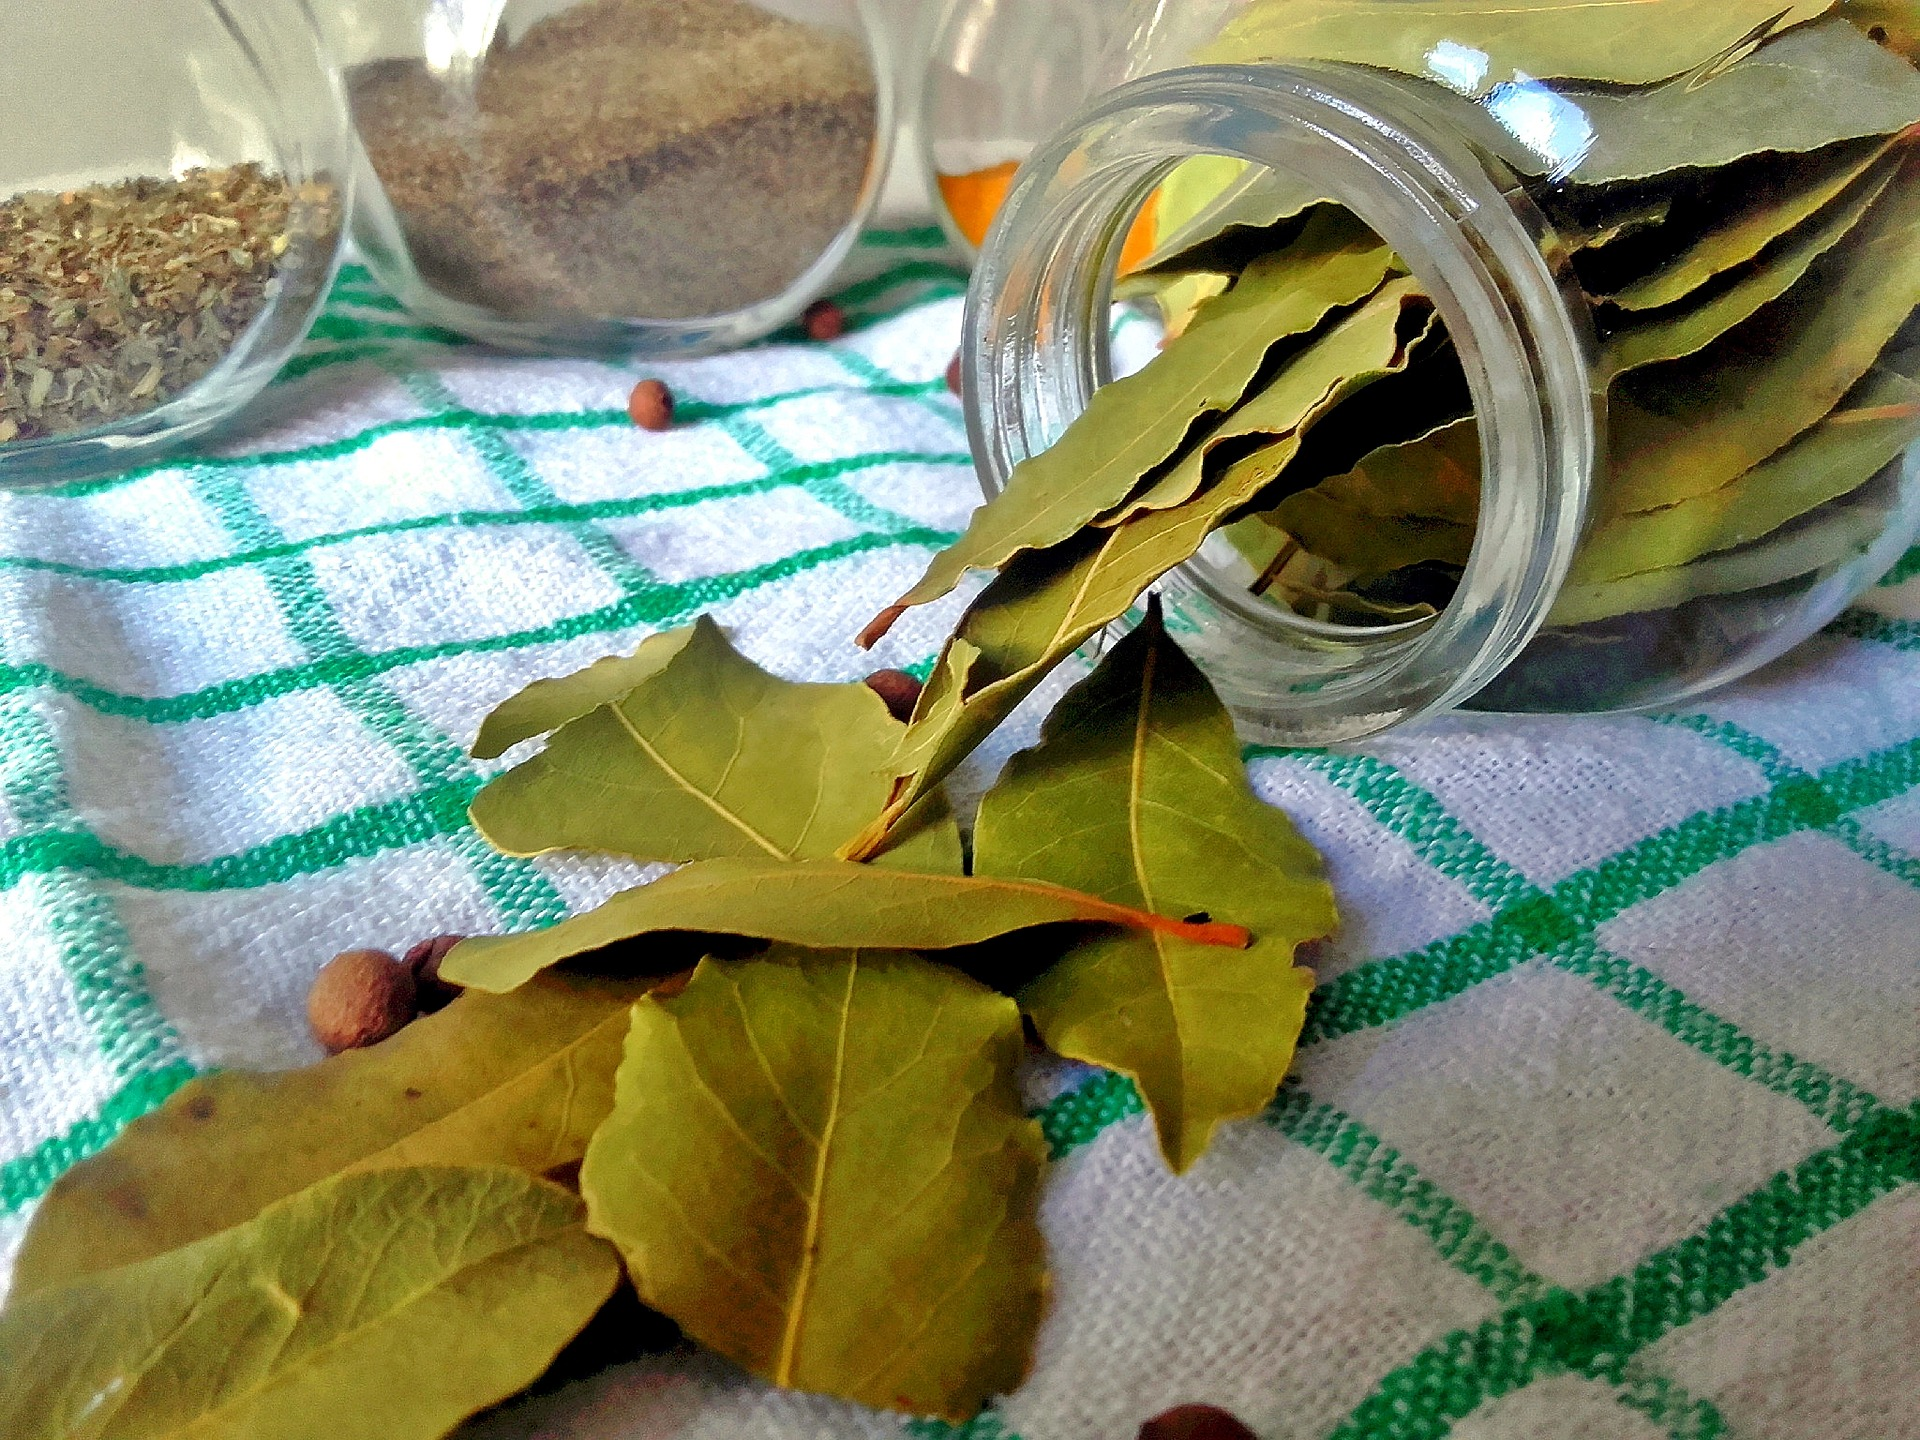 bay-leaf-2942399_1920